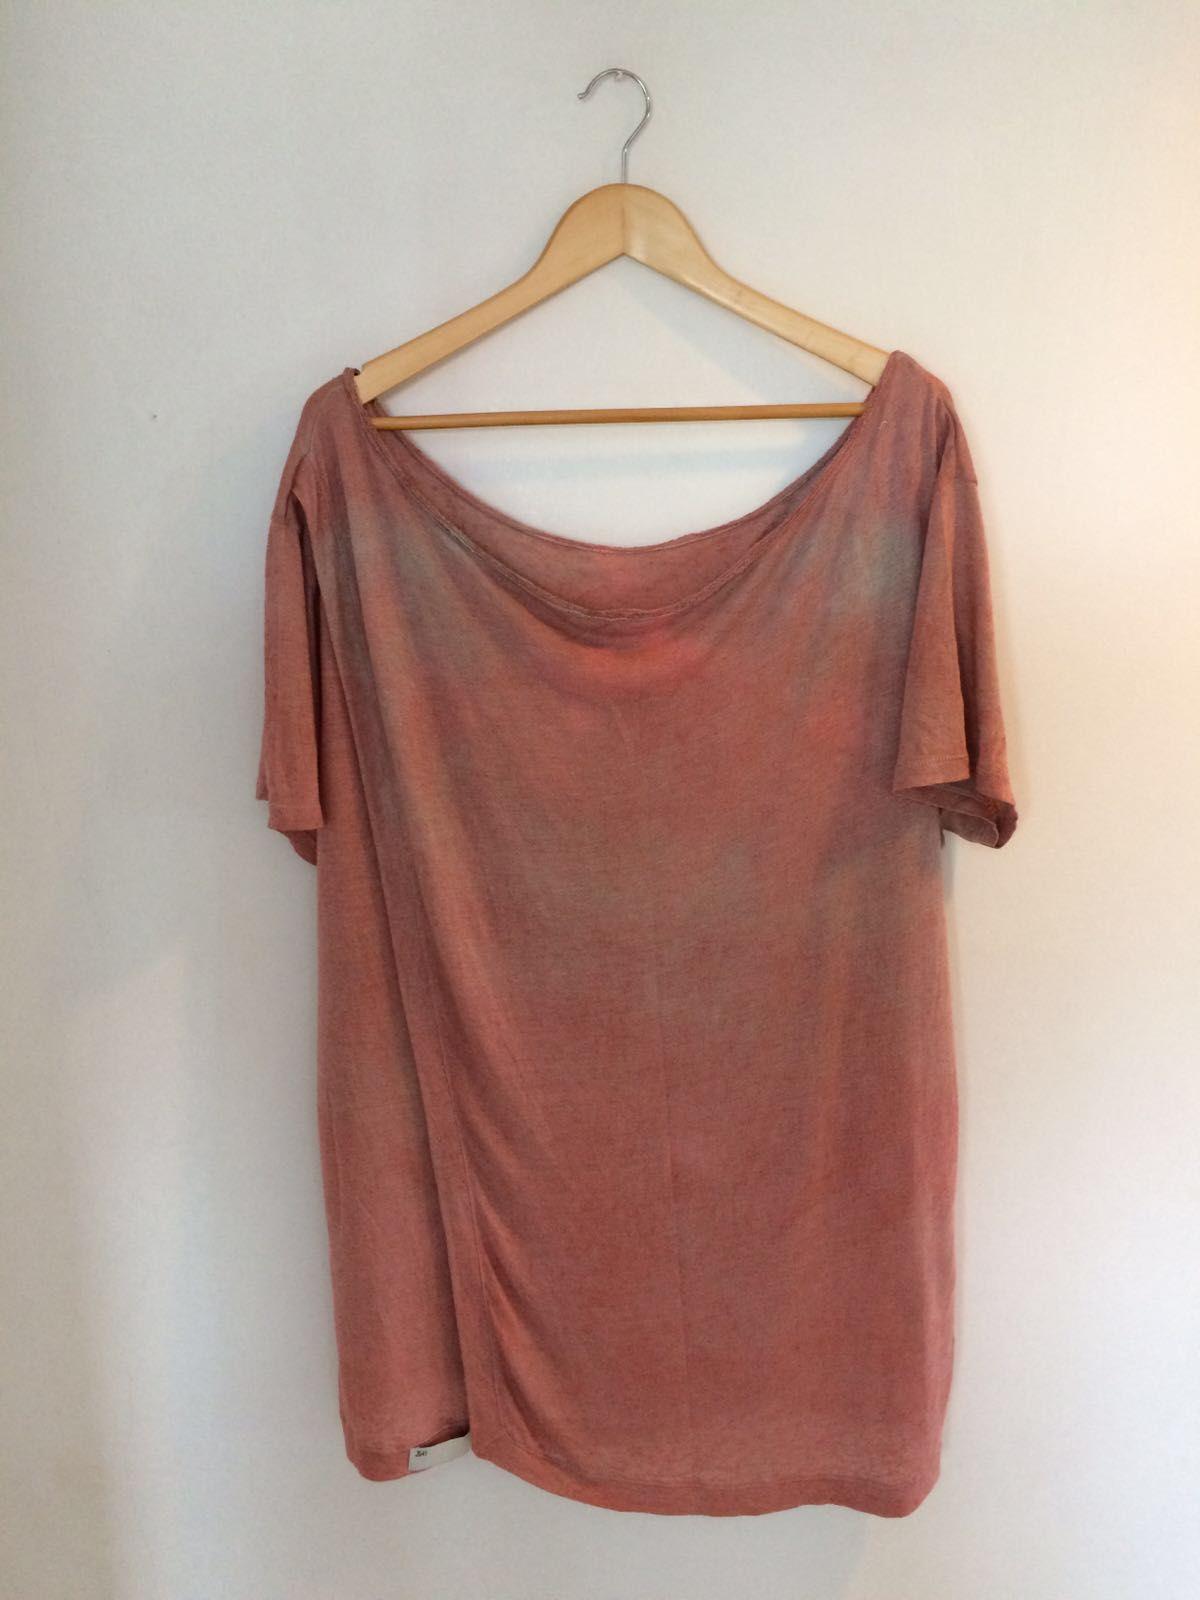 Camiseta de malha tricot tingida à mão na cor terra, efeito leve tiedye, com  abertura frente ou costas, você escolhe!